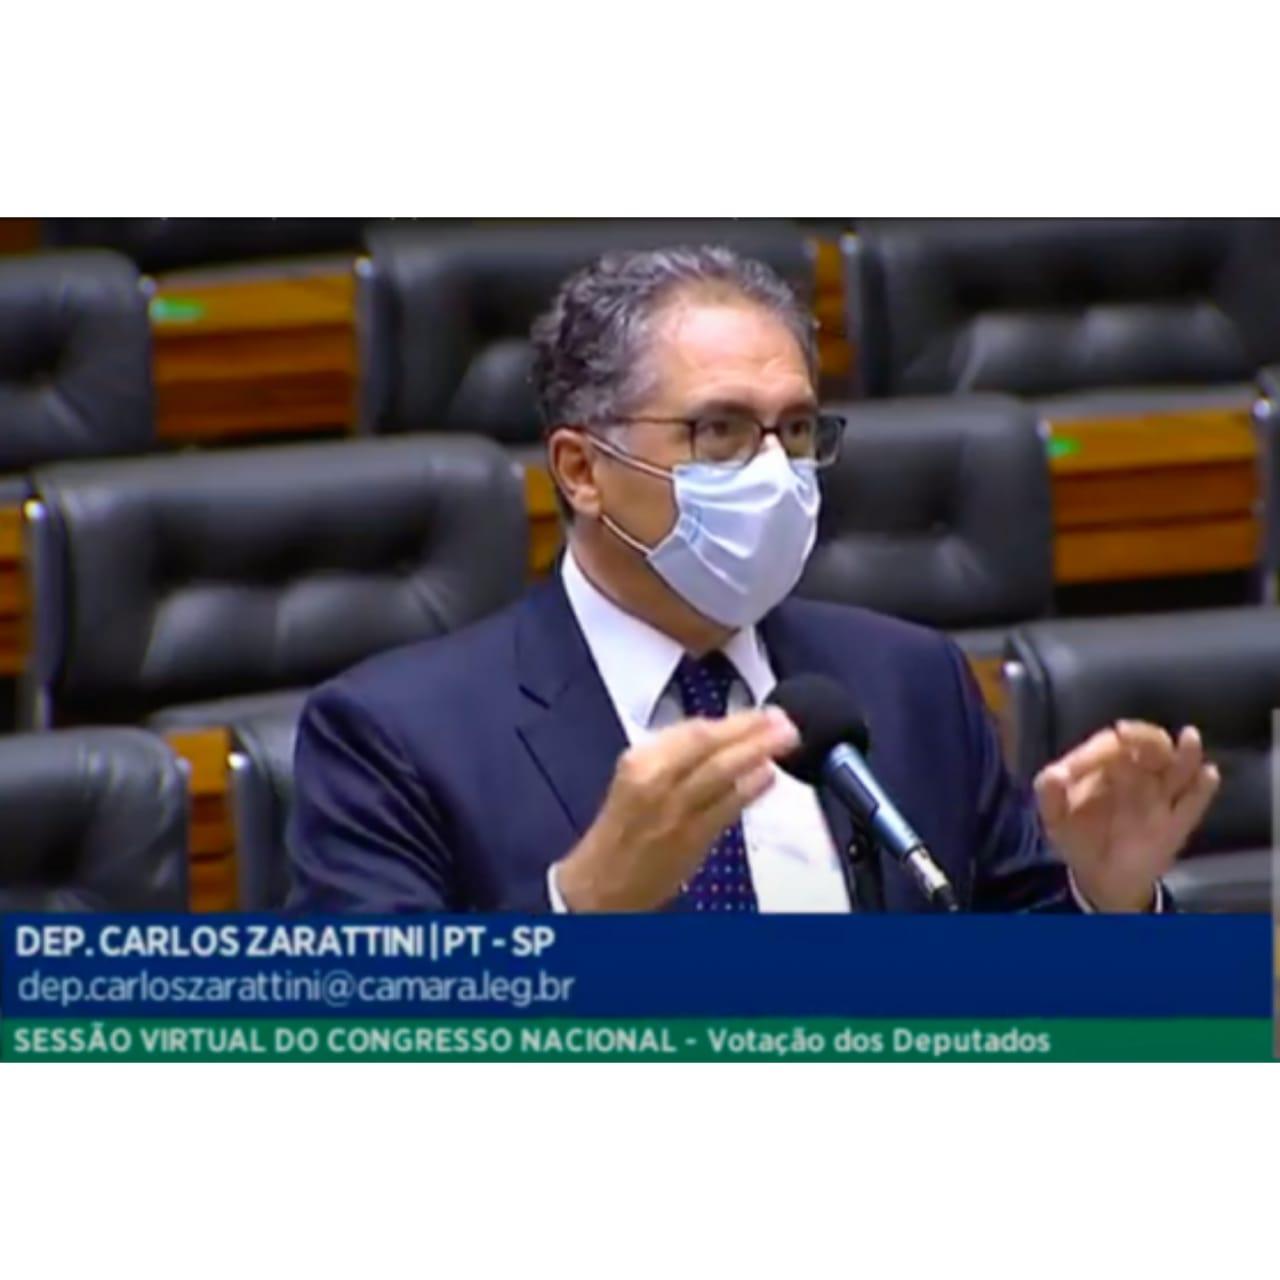 Contra votação, oposição contesta impacto de R$ 130 bi de reajuste salarial